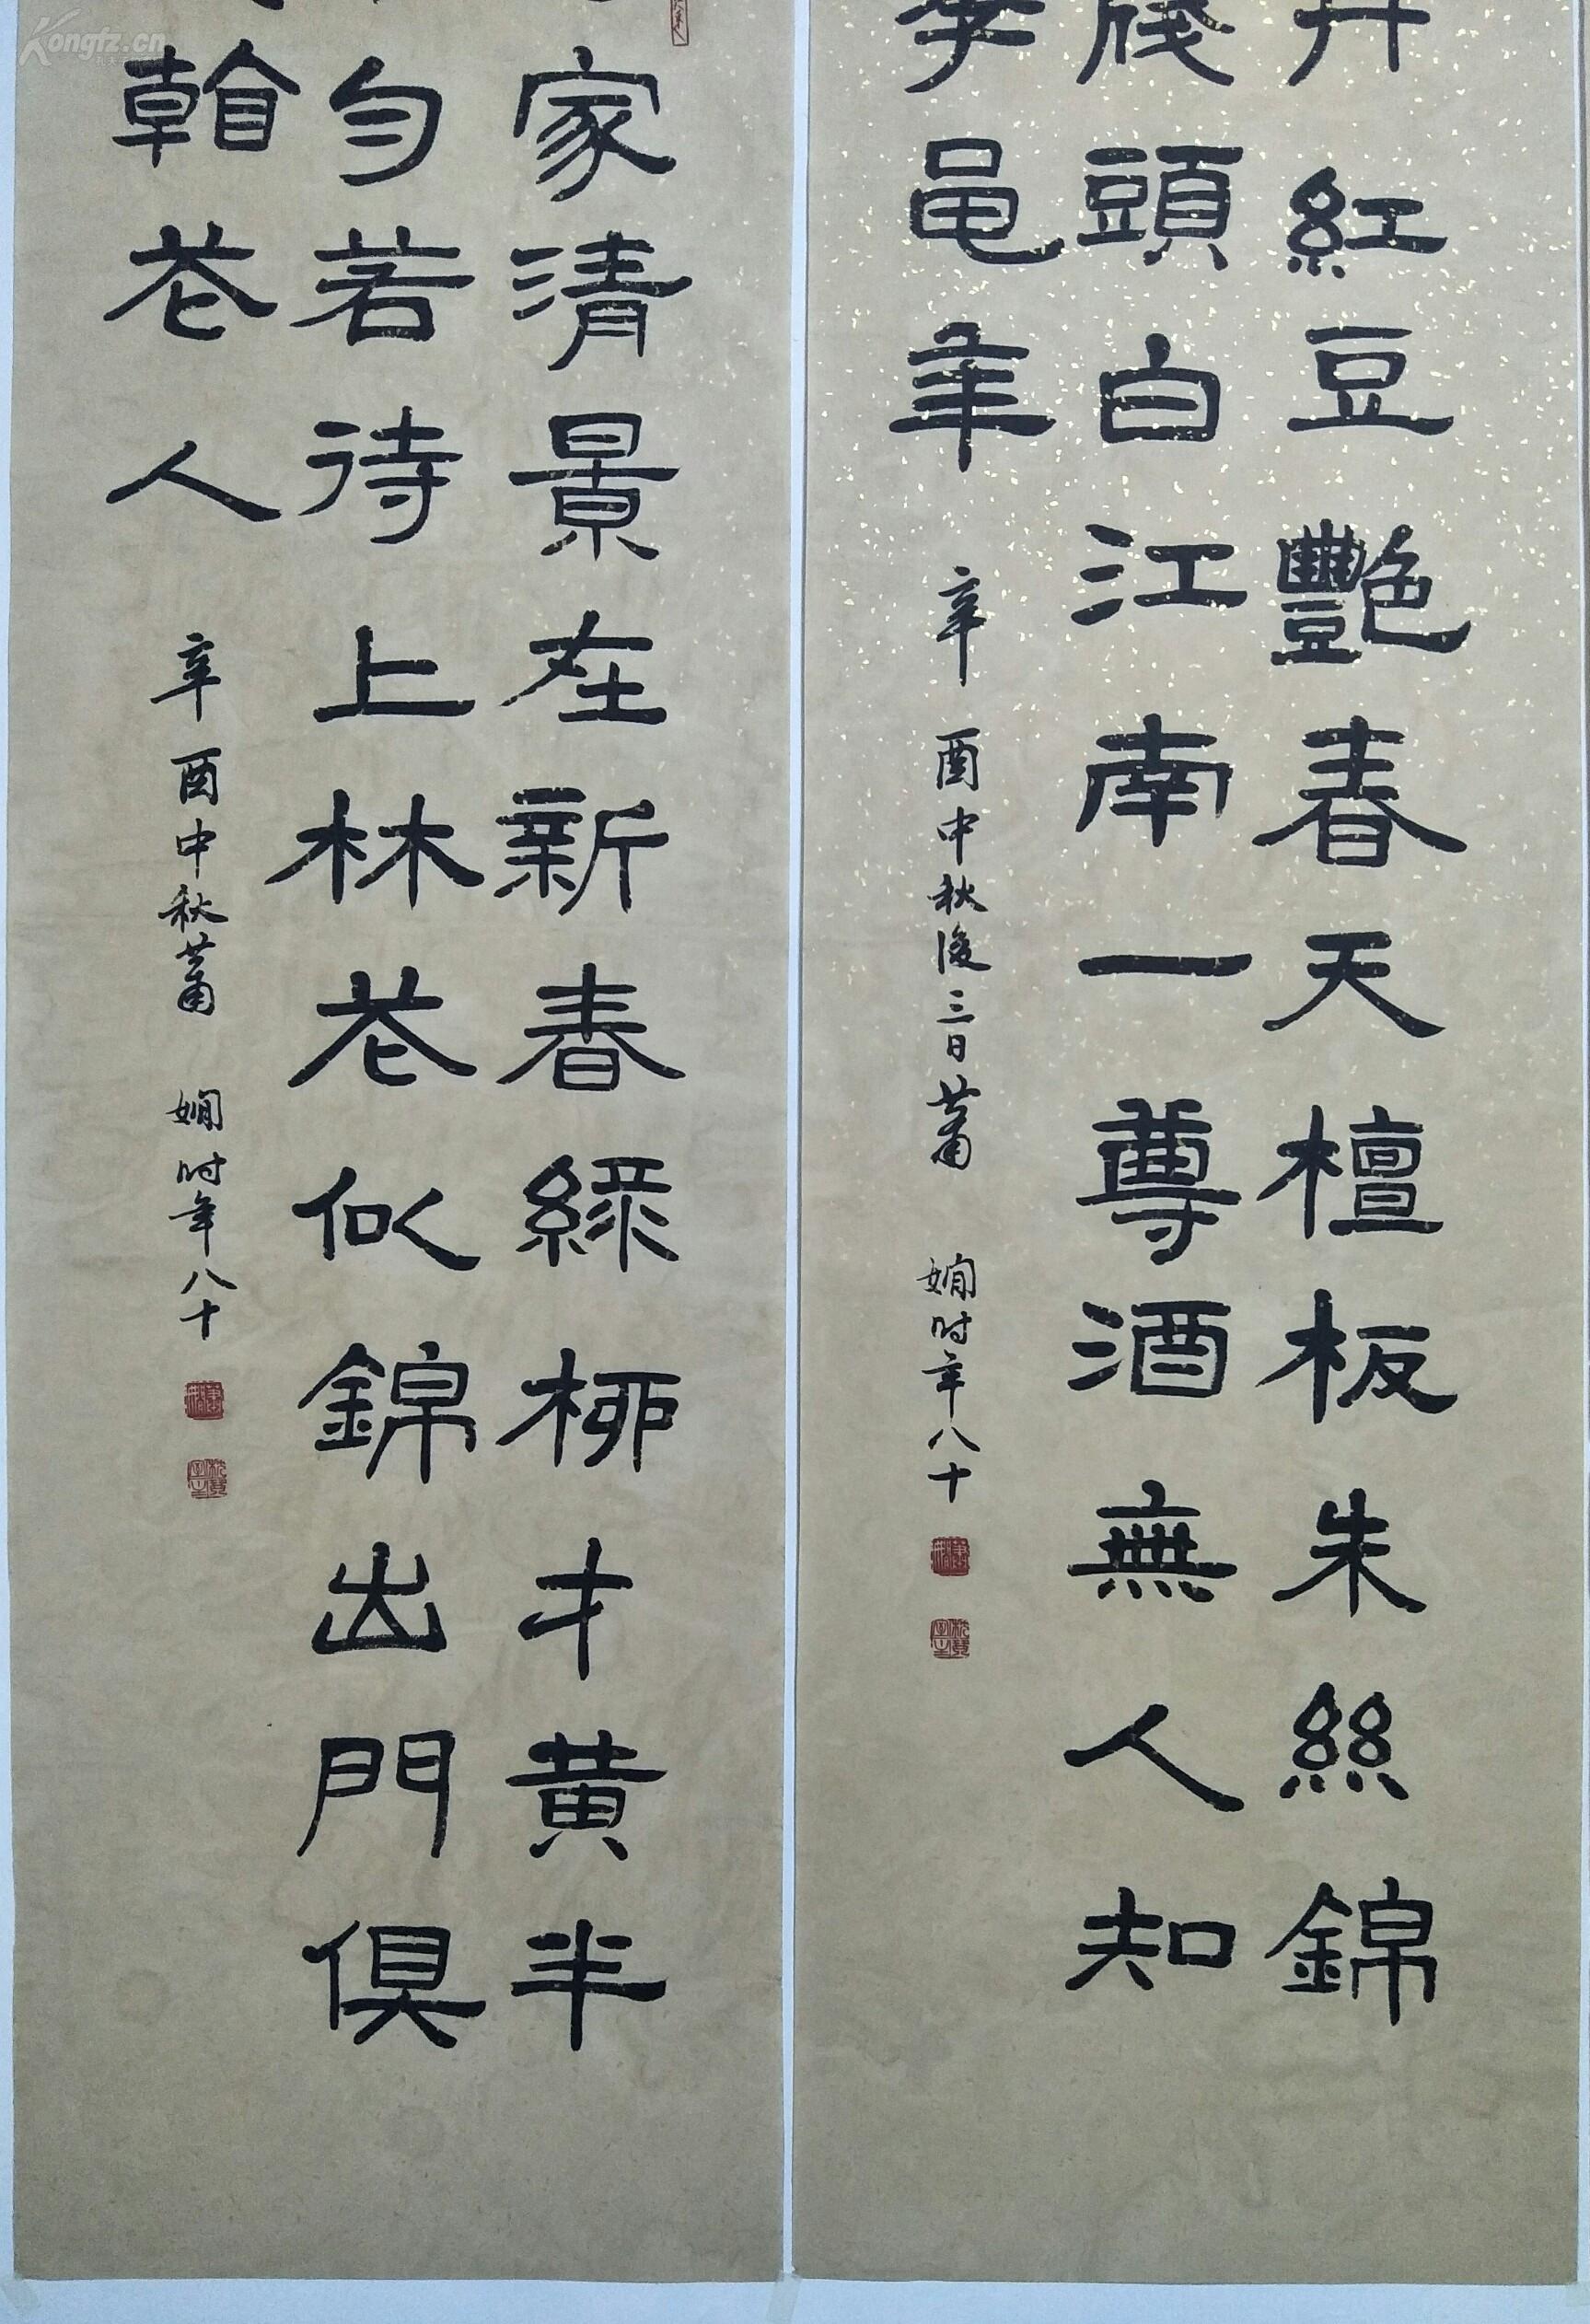 著名的女书法家,中国书法家协会名誉理事【萧娴】书法图片